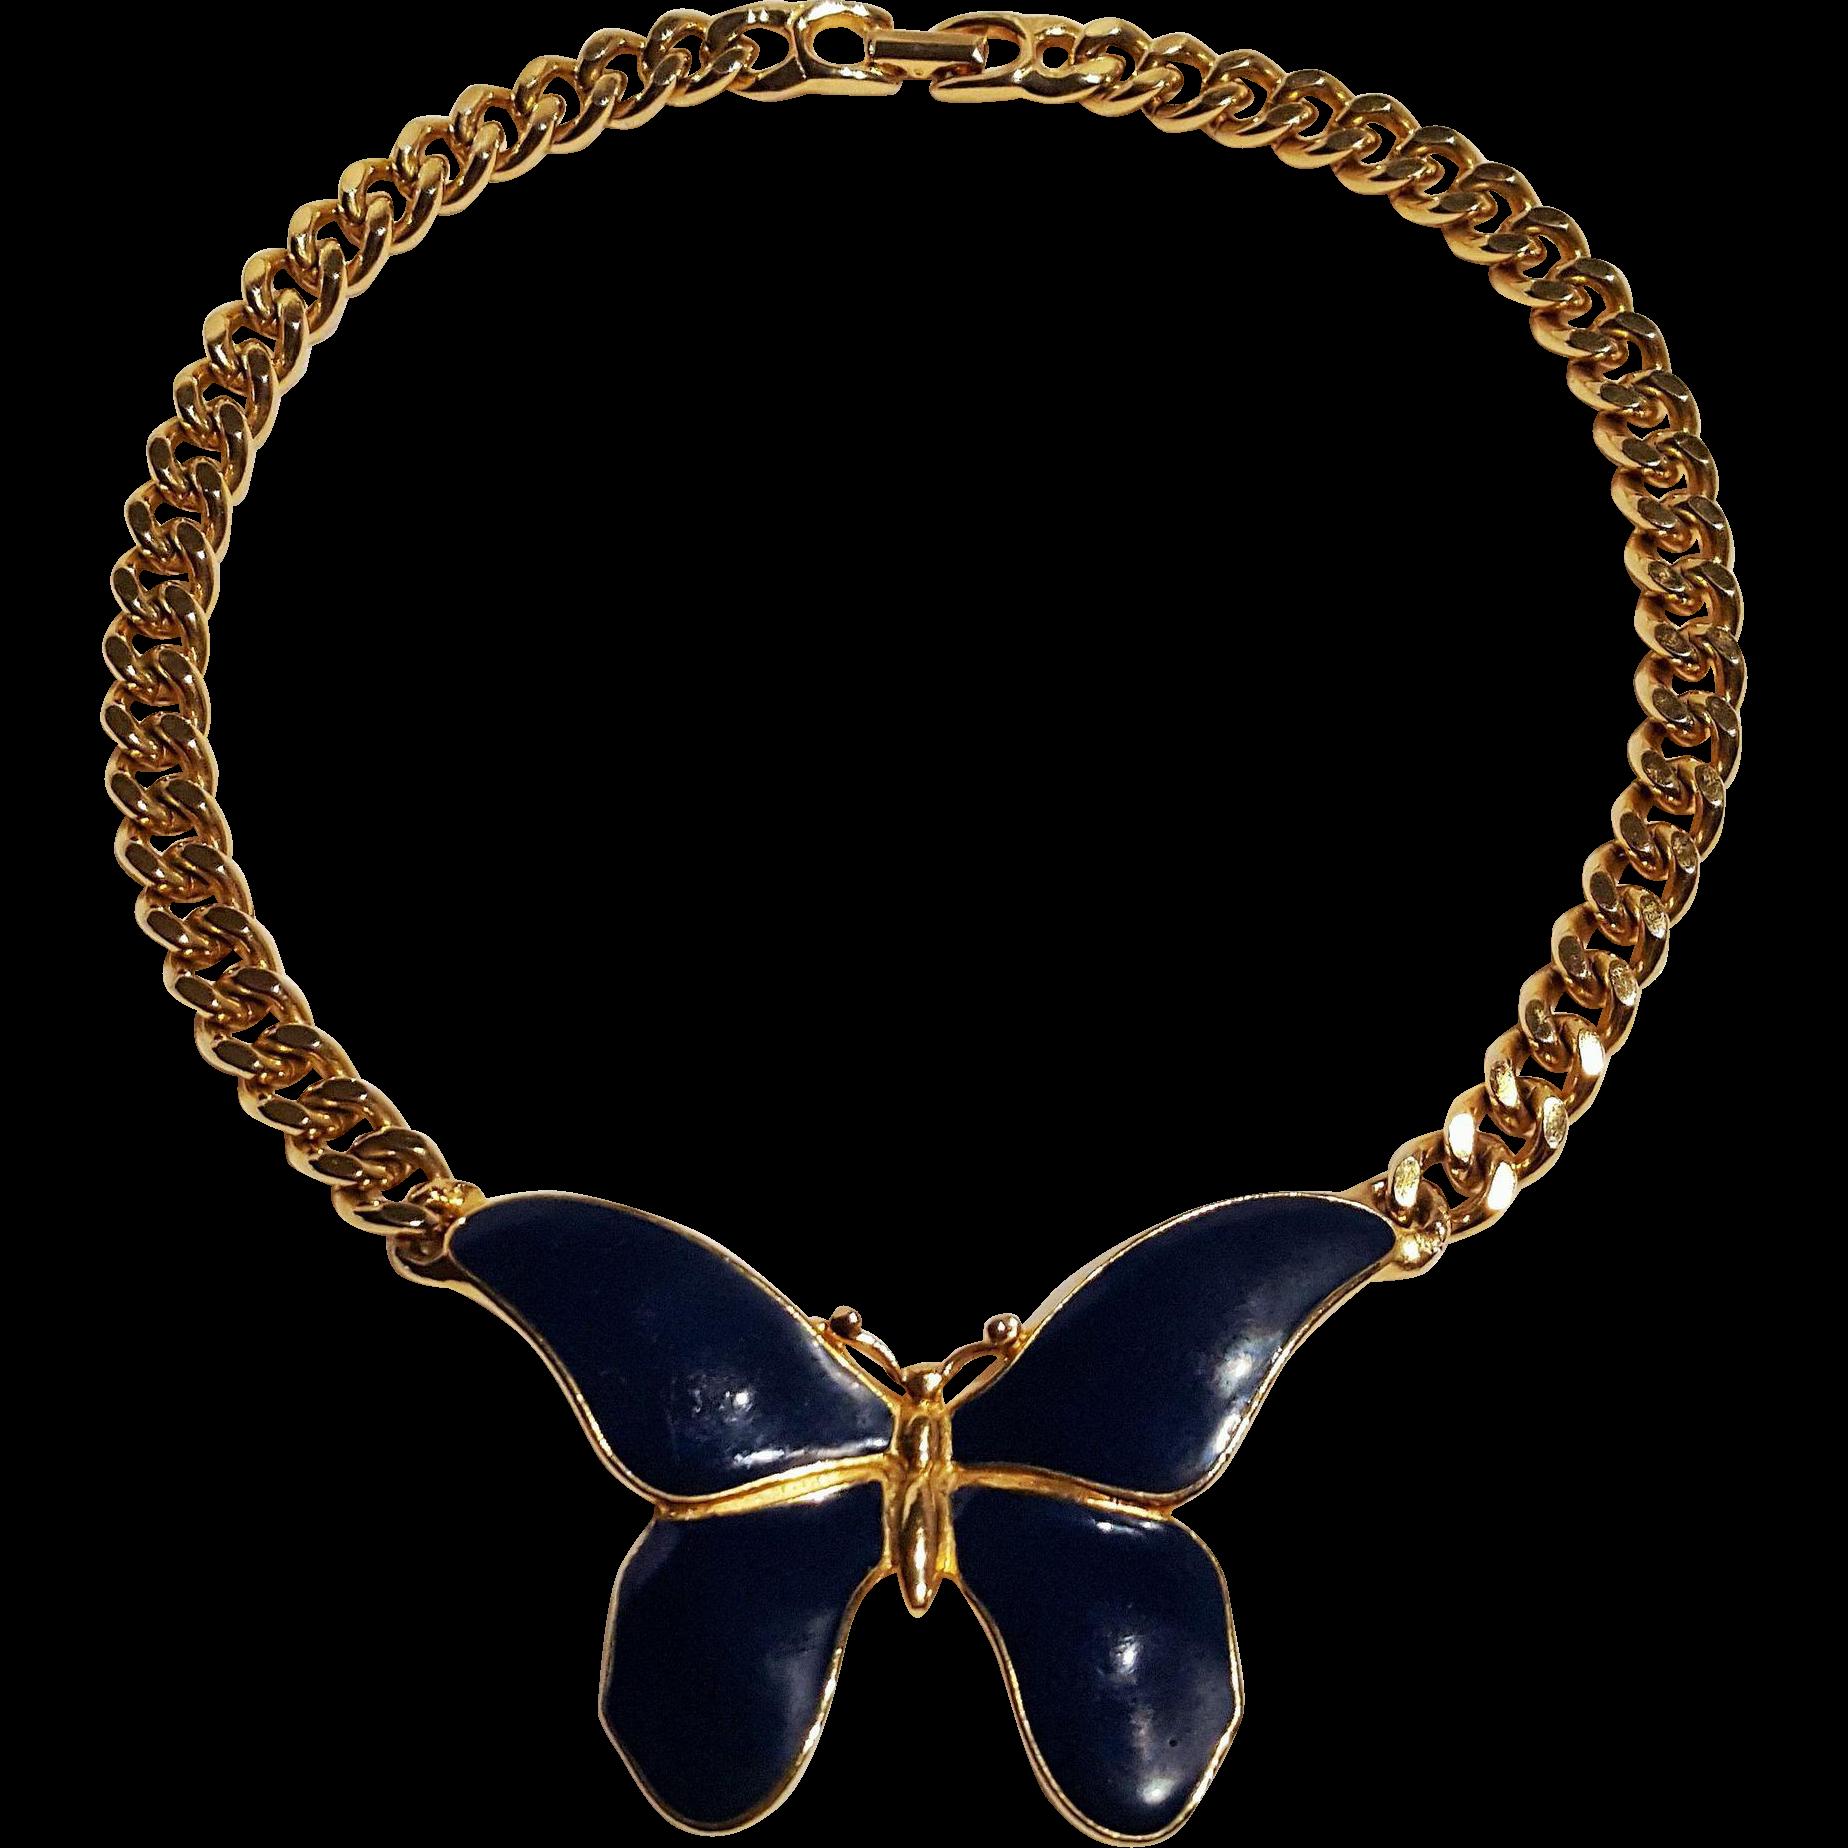 Les Bernard butterfly necklace blue enamel